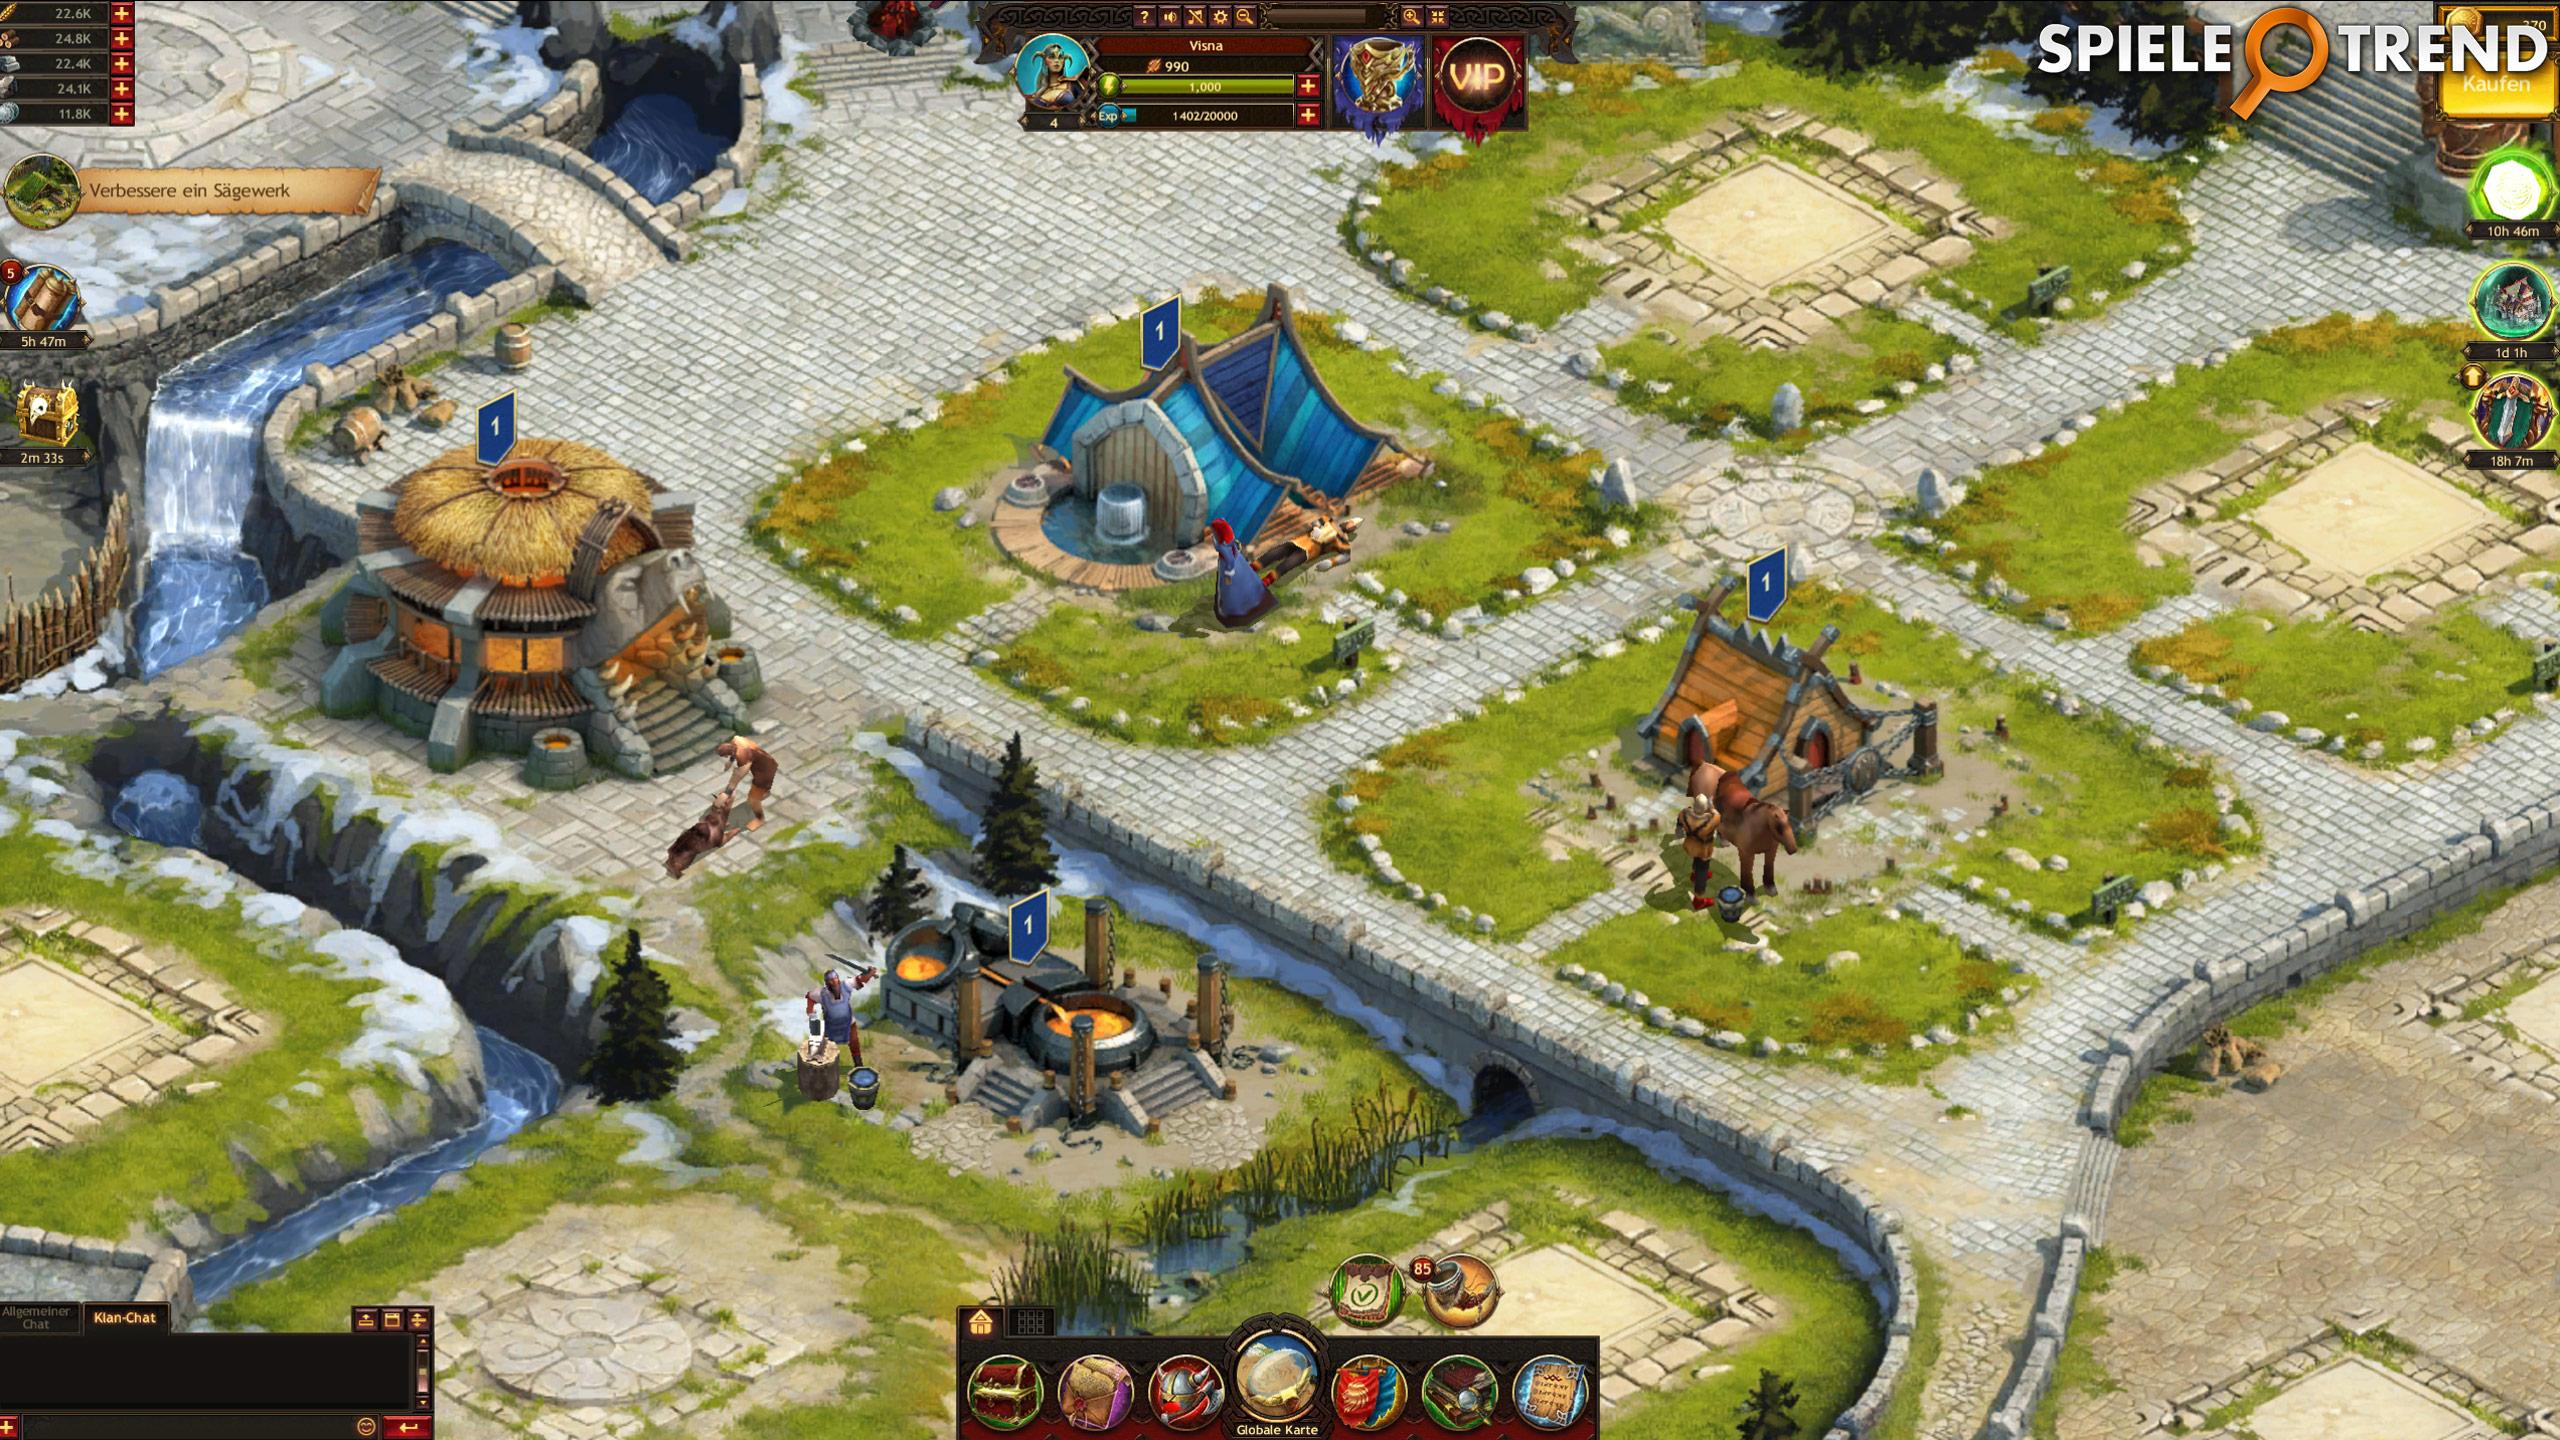 Viking Spiel